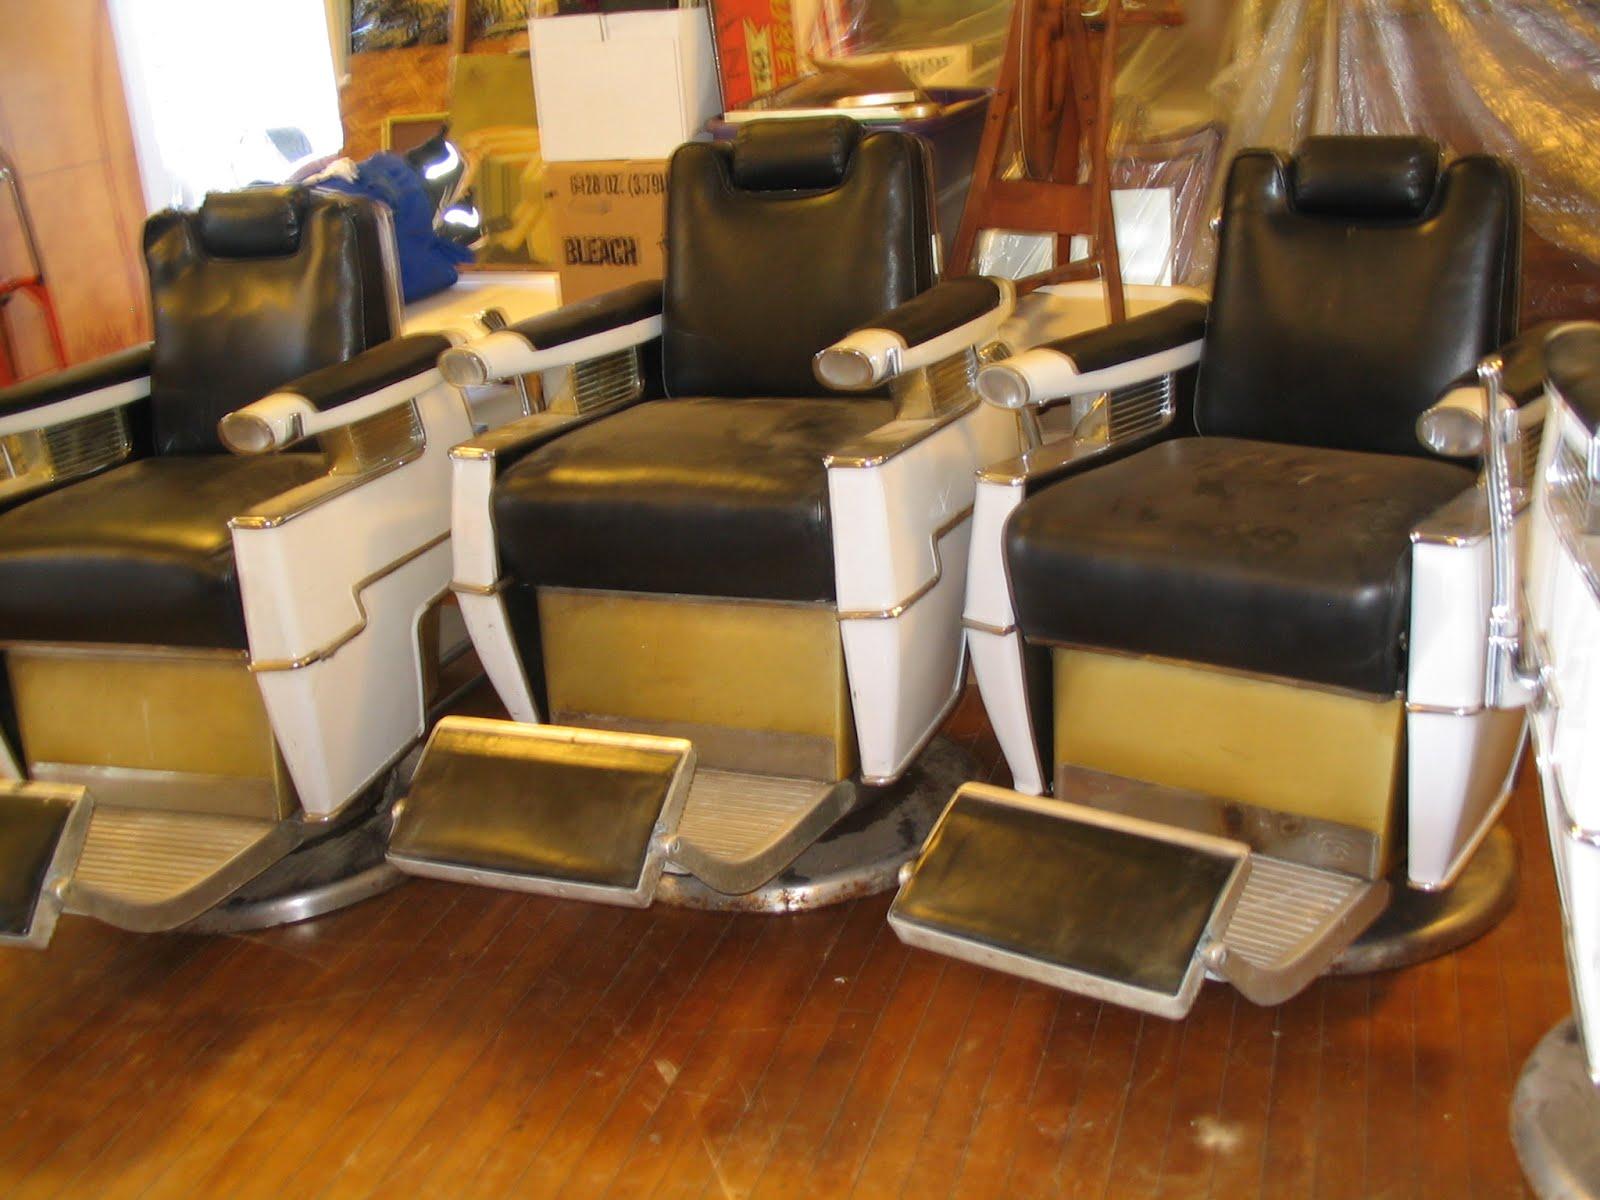 Pasternak Antiques u0026 Modern Design * 5 vintage belmont barber chairs ( + one )* & Pasternak Antiques u0026 Modern Design: * 5 vintage belmont barber ...